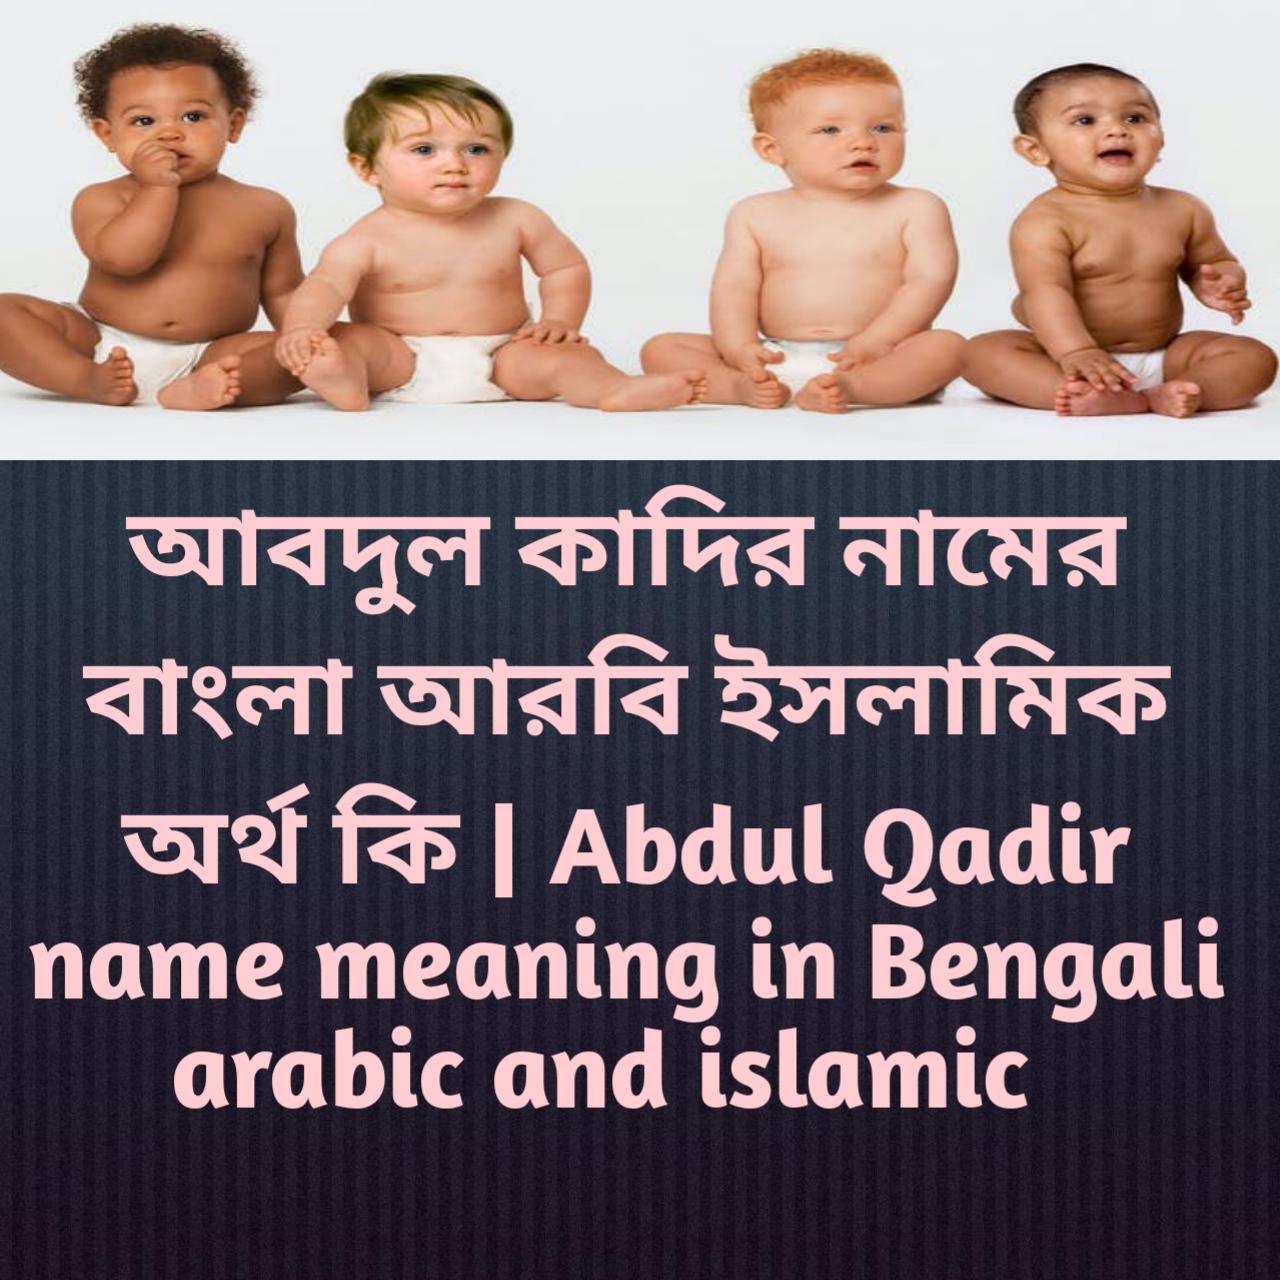 আবদুল কাদির নামের অর্থ কি, আবদুল কাদির নামের বাংলা অর্থ কি, আবদুল কাদির নামের ইসলামিক অর্থ কি, Abdul Qadir name meaning in Bengali, আবদুল কাদির কি ইসলামিক নাম,